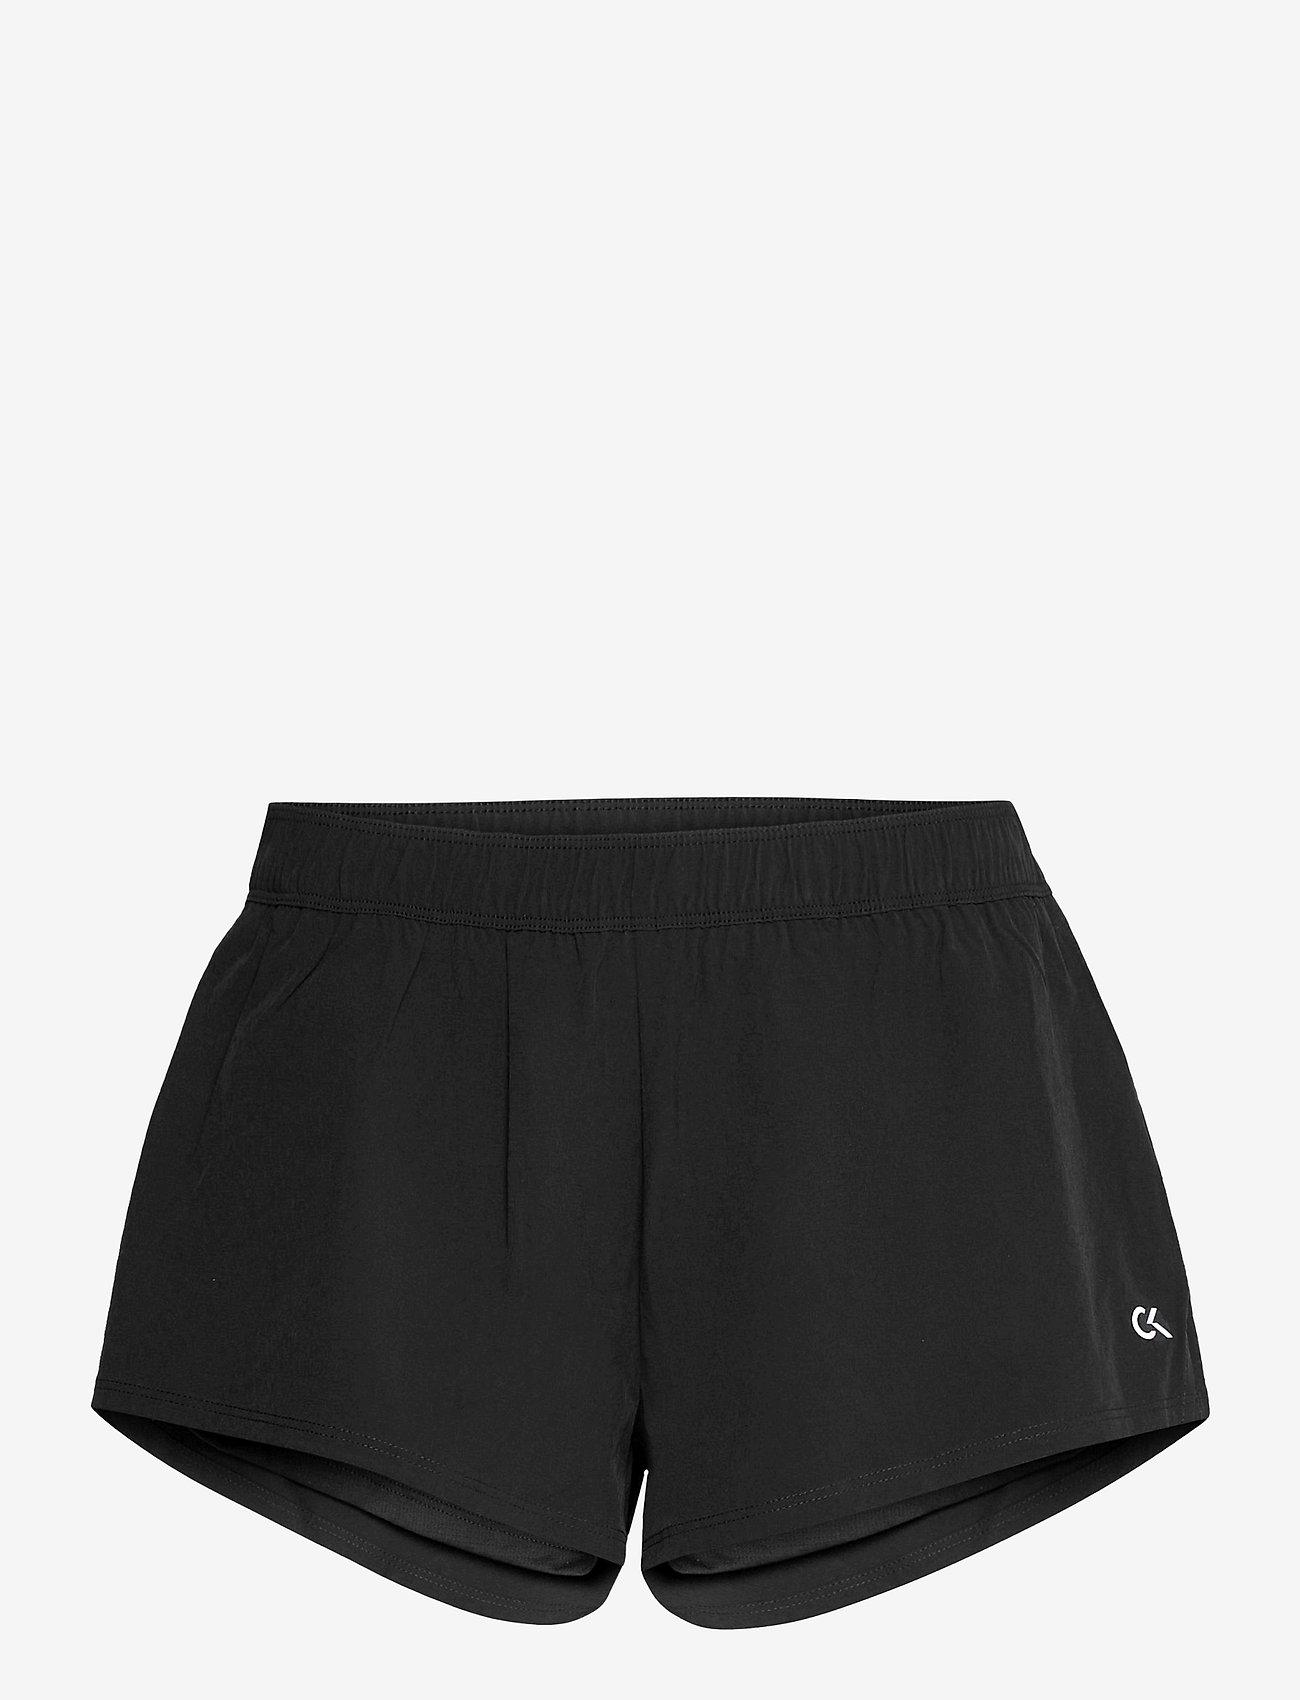 Calvin Klein Performance - WOVEN SHORT W/ INNER - spodenki treningowe - ck black - 0